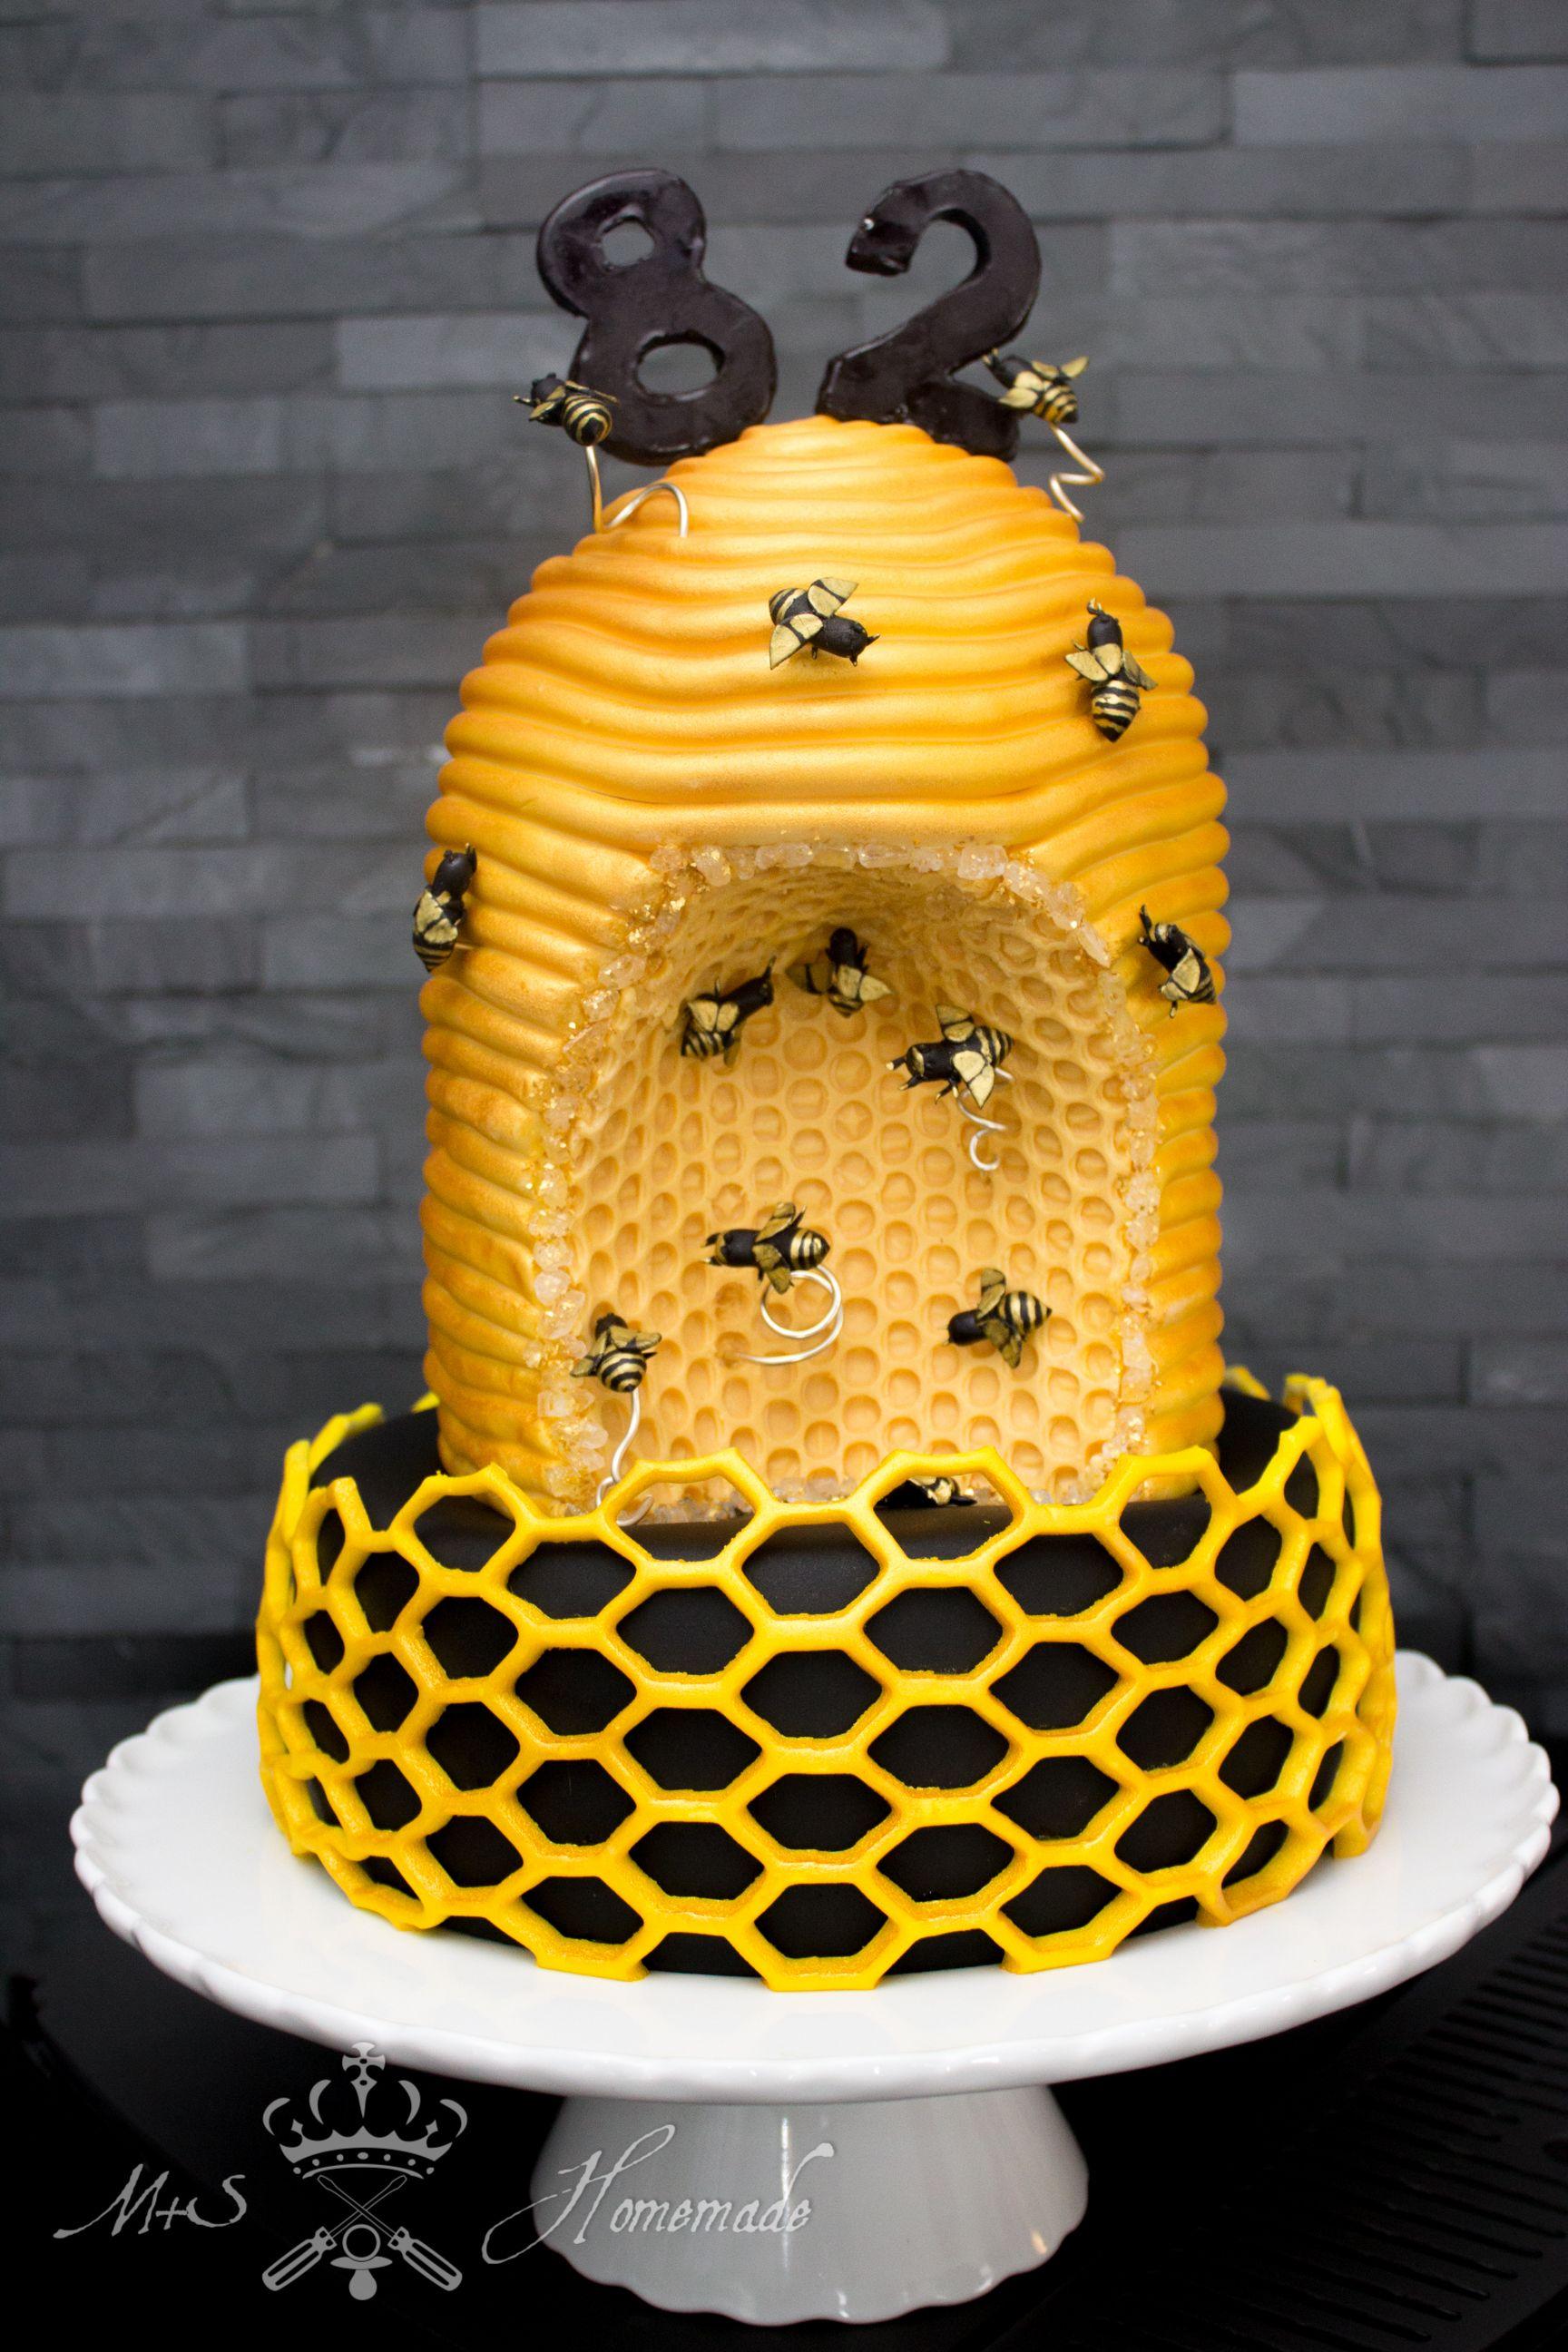 Bienenstock  Torte Für Den Imker Opa Verrückter Kuchen, Backen,  Bienenstock, Torten